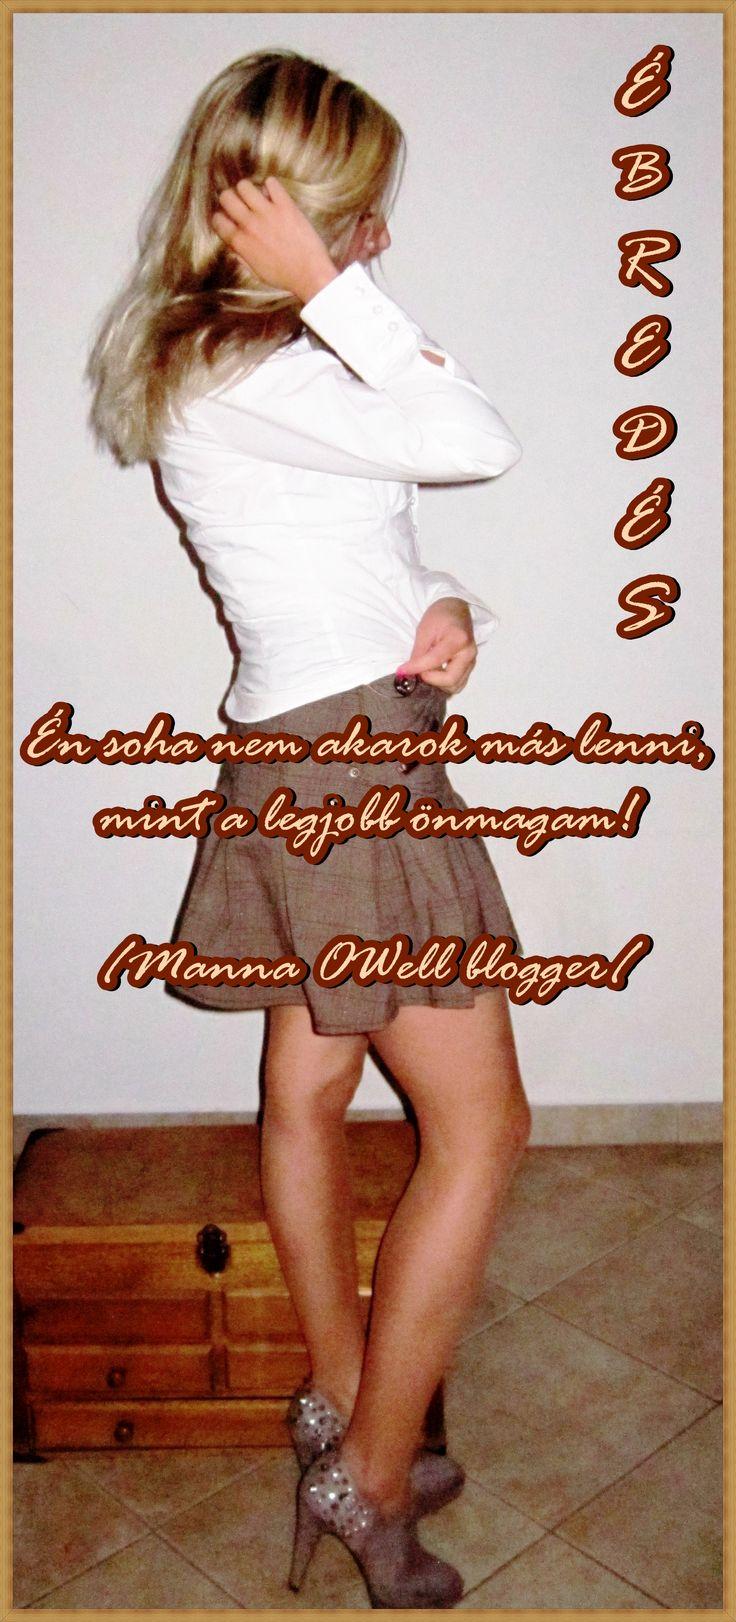 Én soha nem akarok más lenni, mint a legjobb önmagam!  /Manna OWell magyar blogger/  http://azebredes.cafeblog.hu